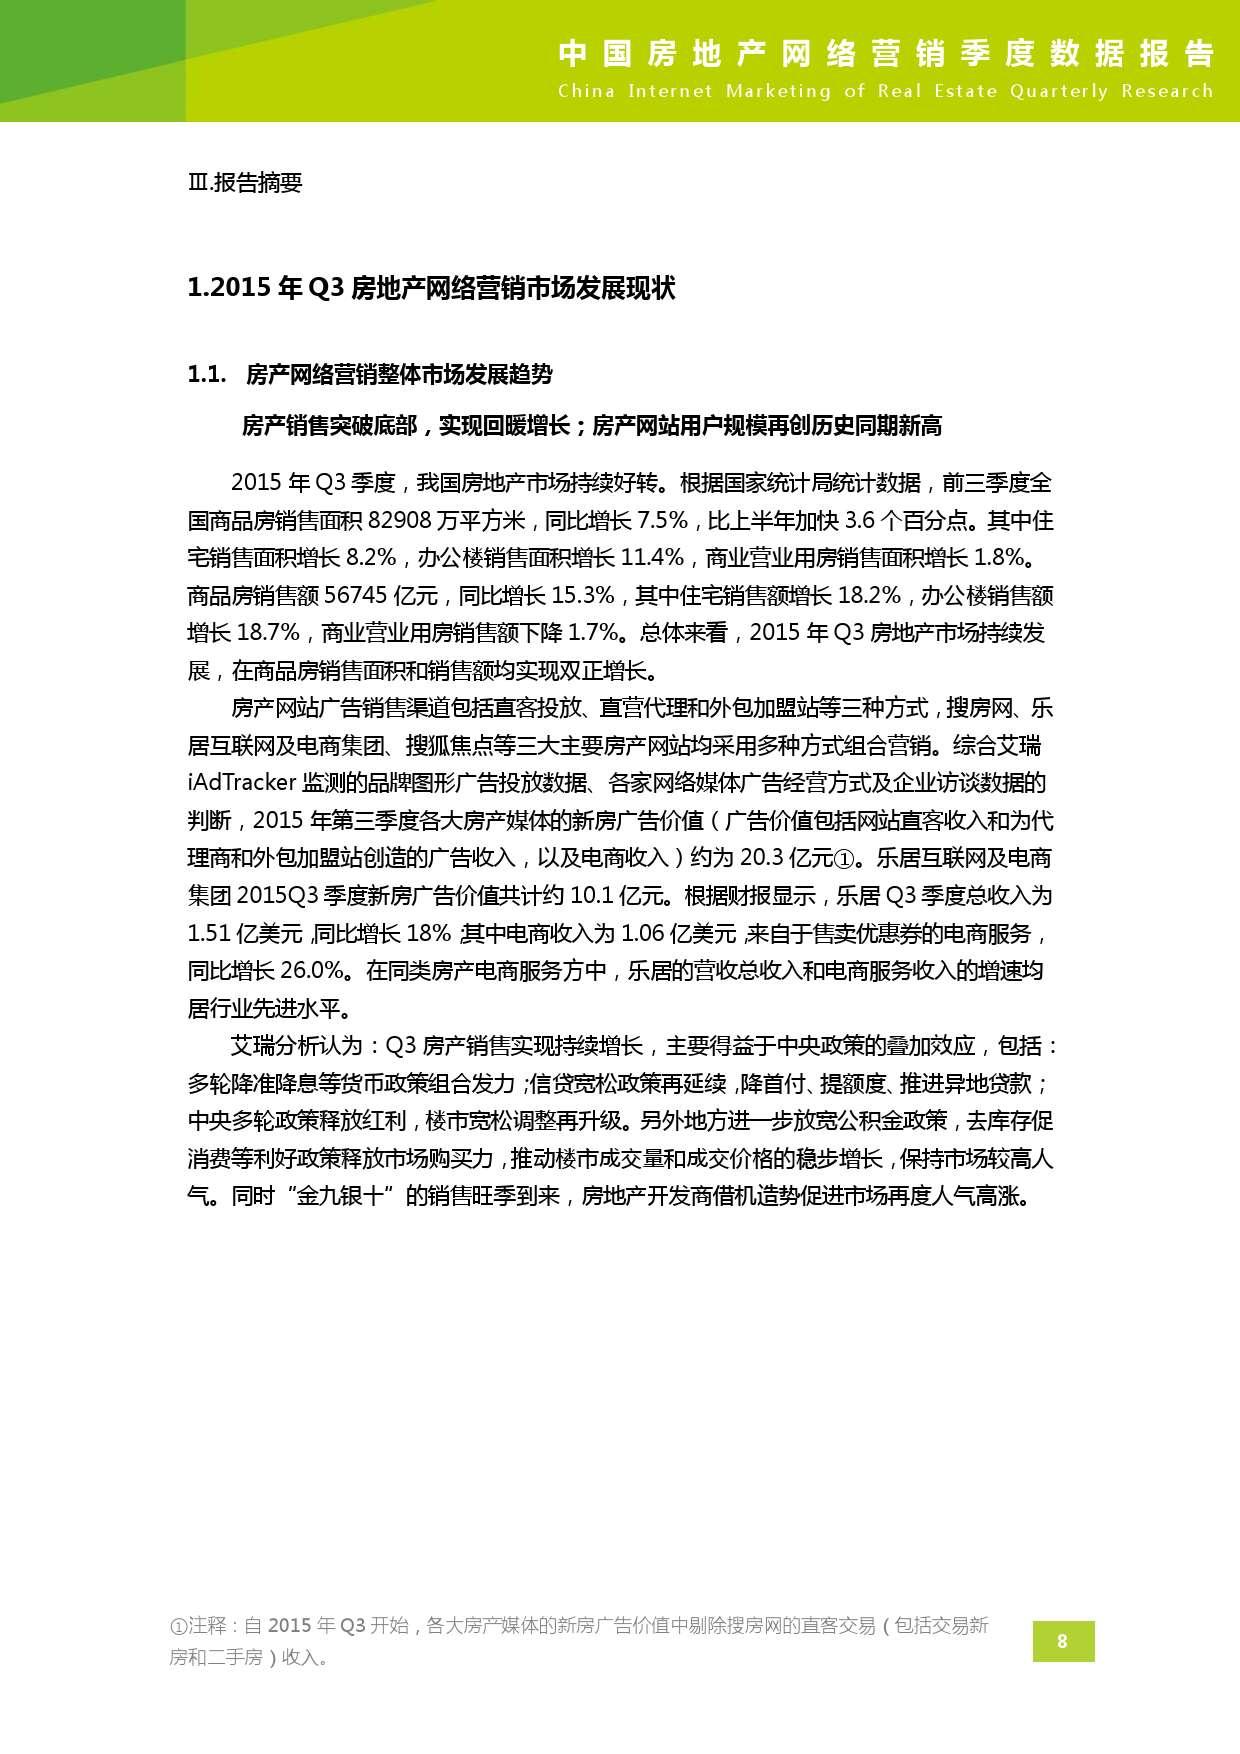 2015年Q3中国房地产网络营销季度数据报告_000009